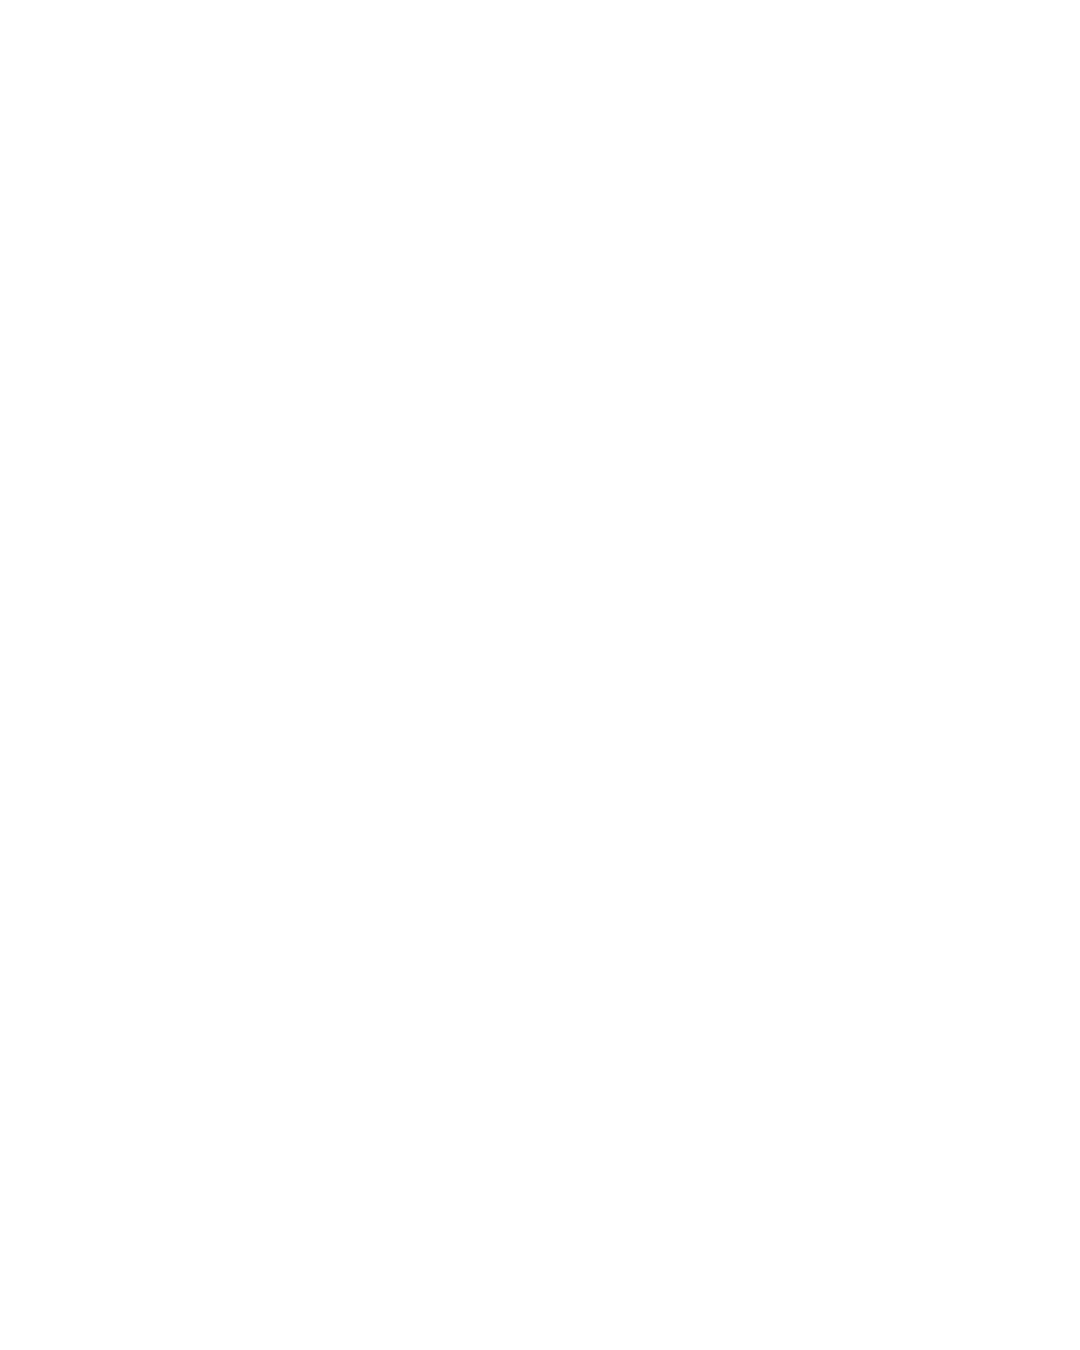 брендовий коробок